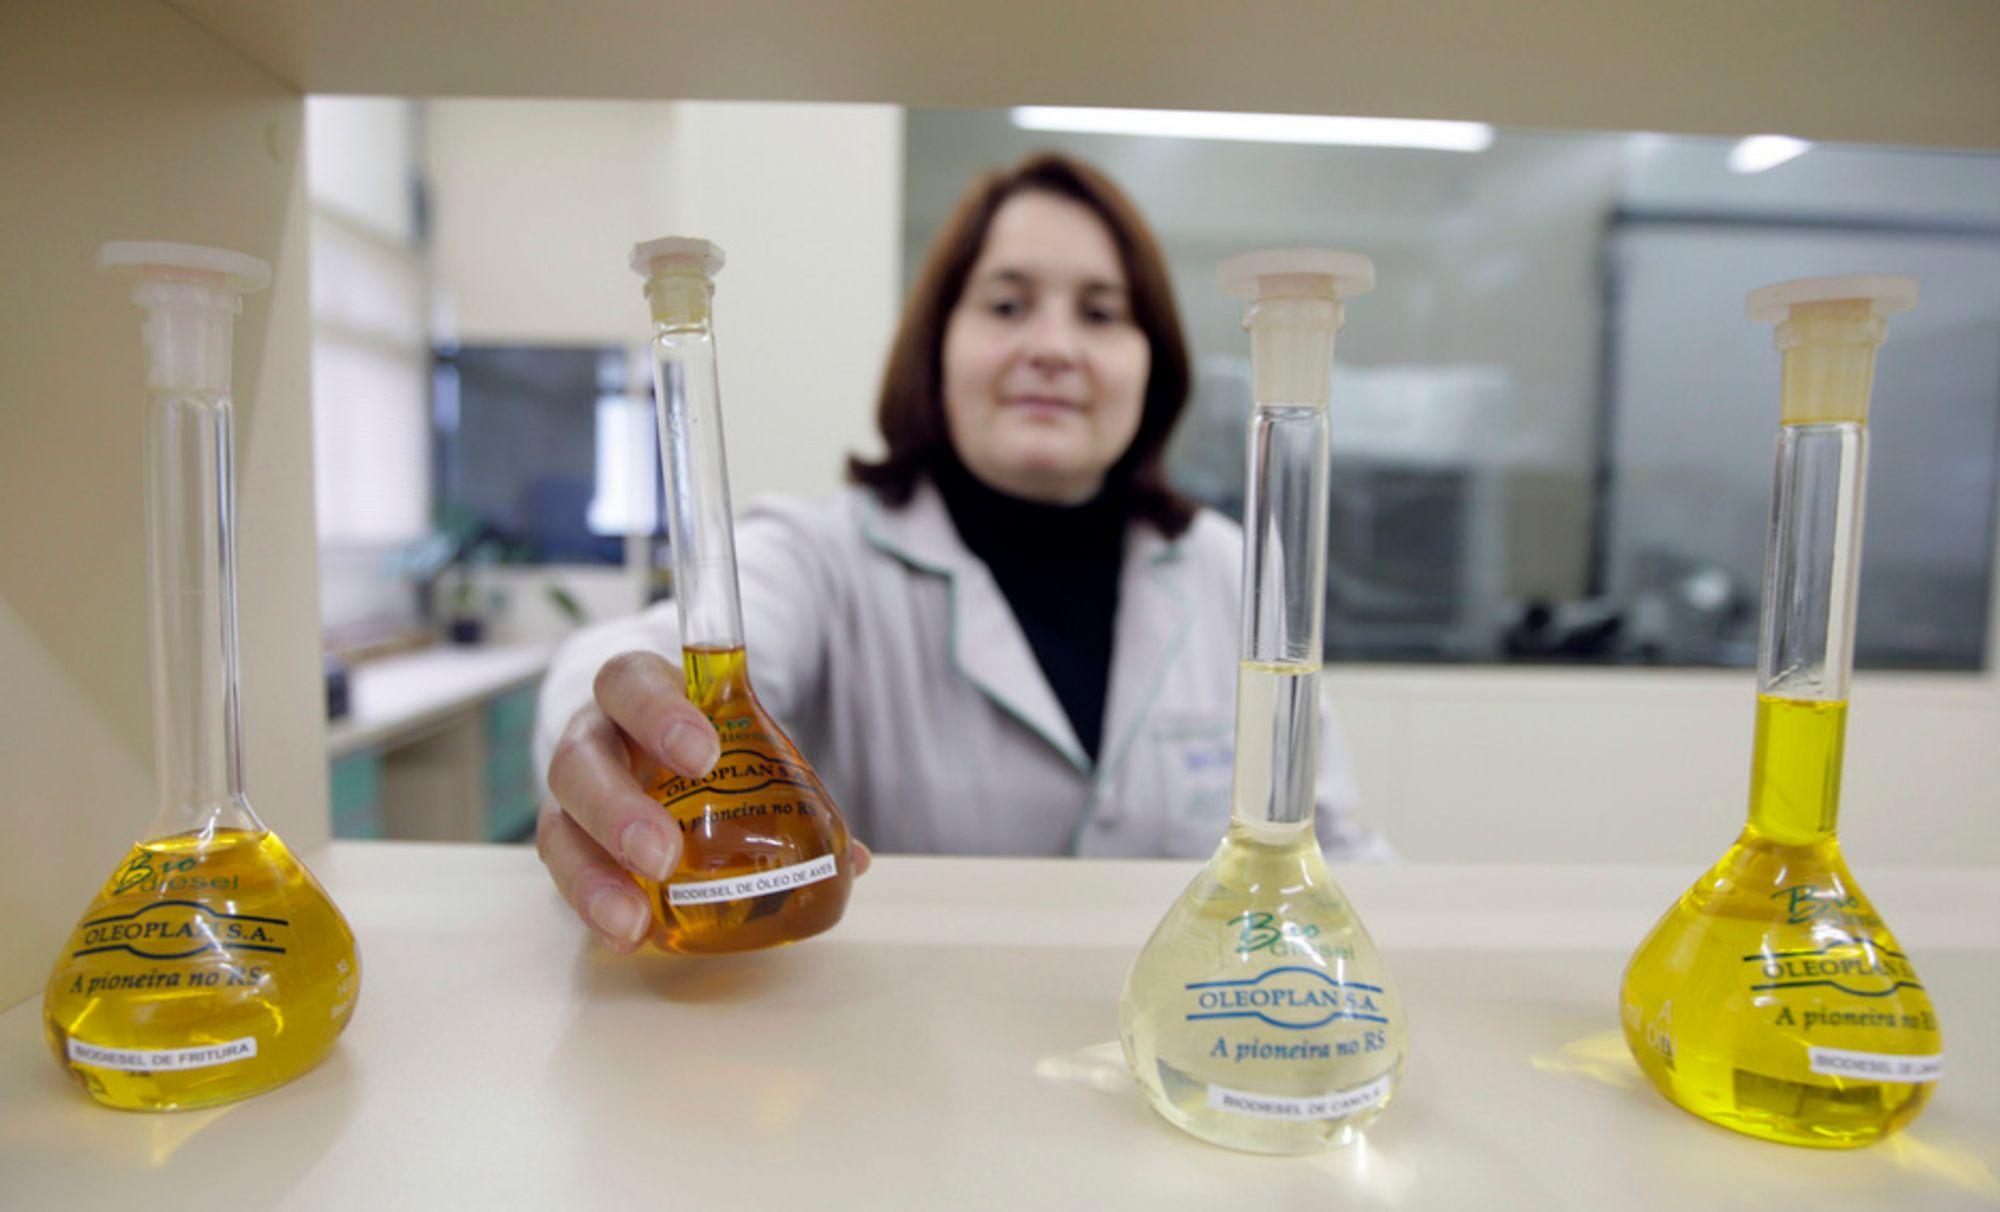 KRITISERES: En kjemiingeniør sjekker flasker med biobrennstoff ved Oleoplan-fabrikken i Passo Fundo. De brasilianske storprodusentene av bioetanol har fått sterk kritikk for det som betegnes som slavelignende tilstander på deres plantasjer.